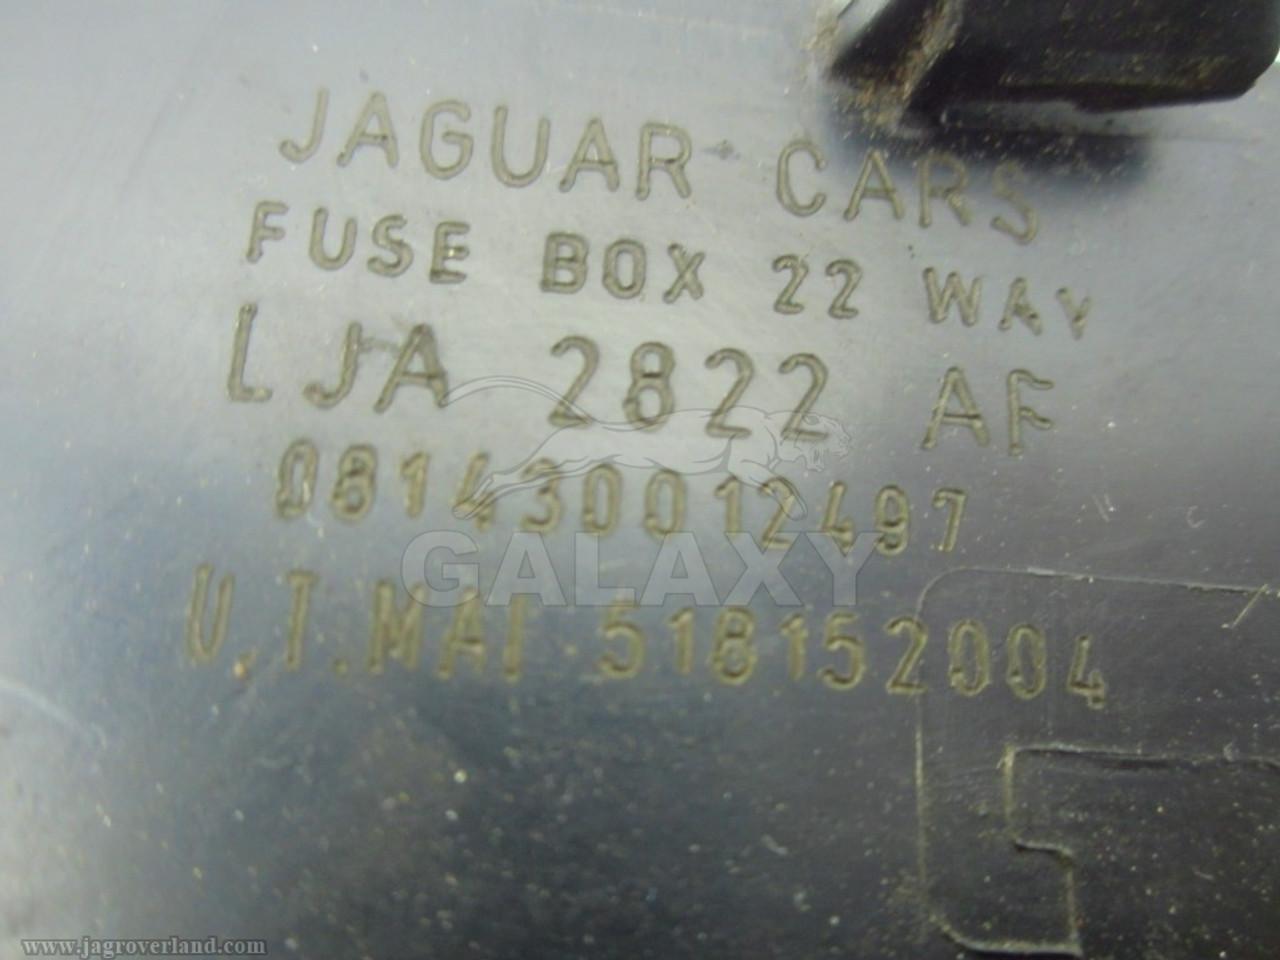 medium resolution of 97 99 xk8 fuse box lja2822af